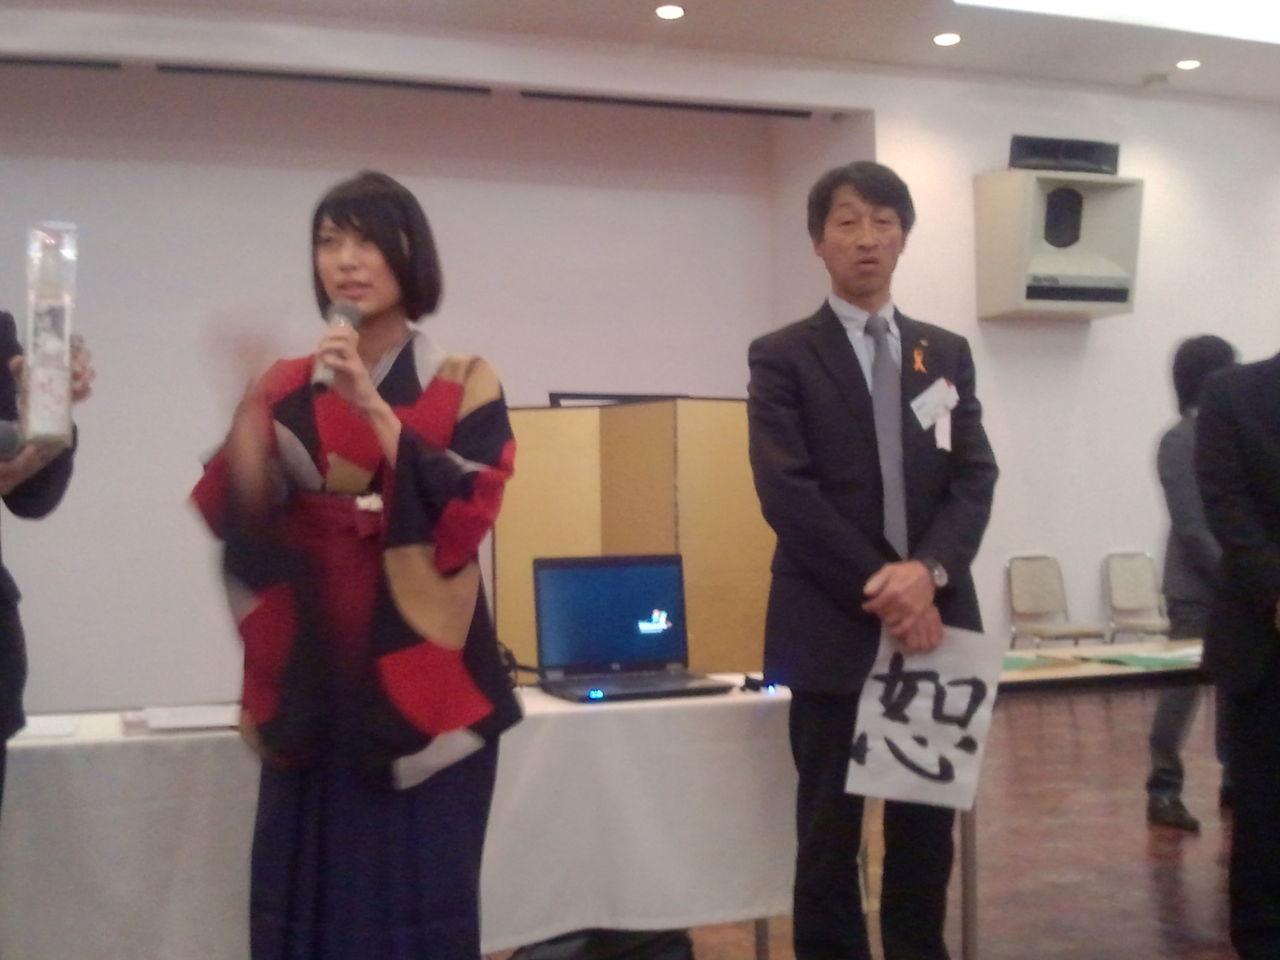 高久勝 - JapaneseClass.jp